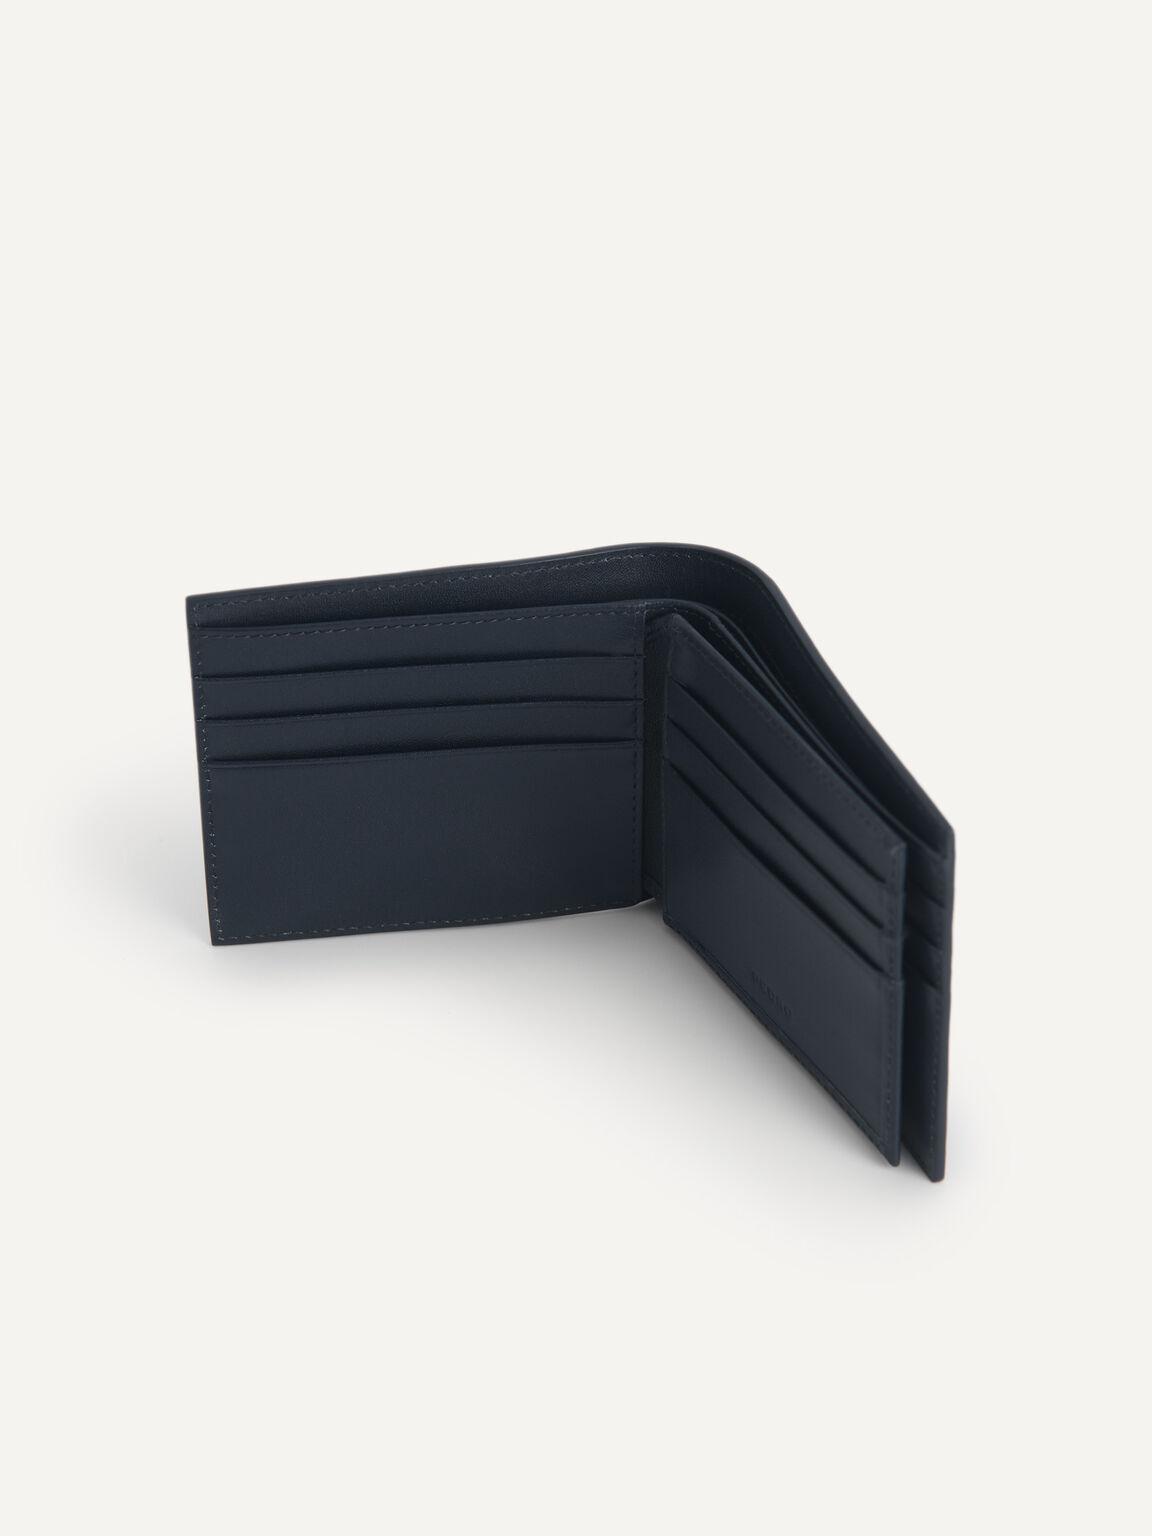 紋理牛皮兩折皮夾, 海军蓝色, hi-res